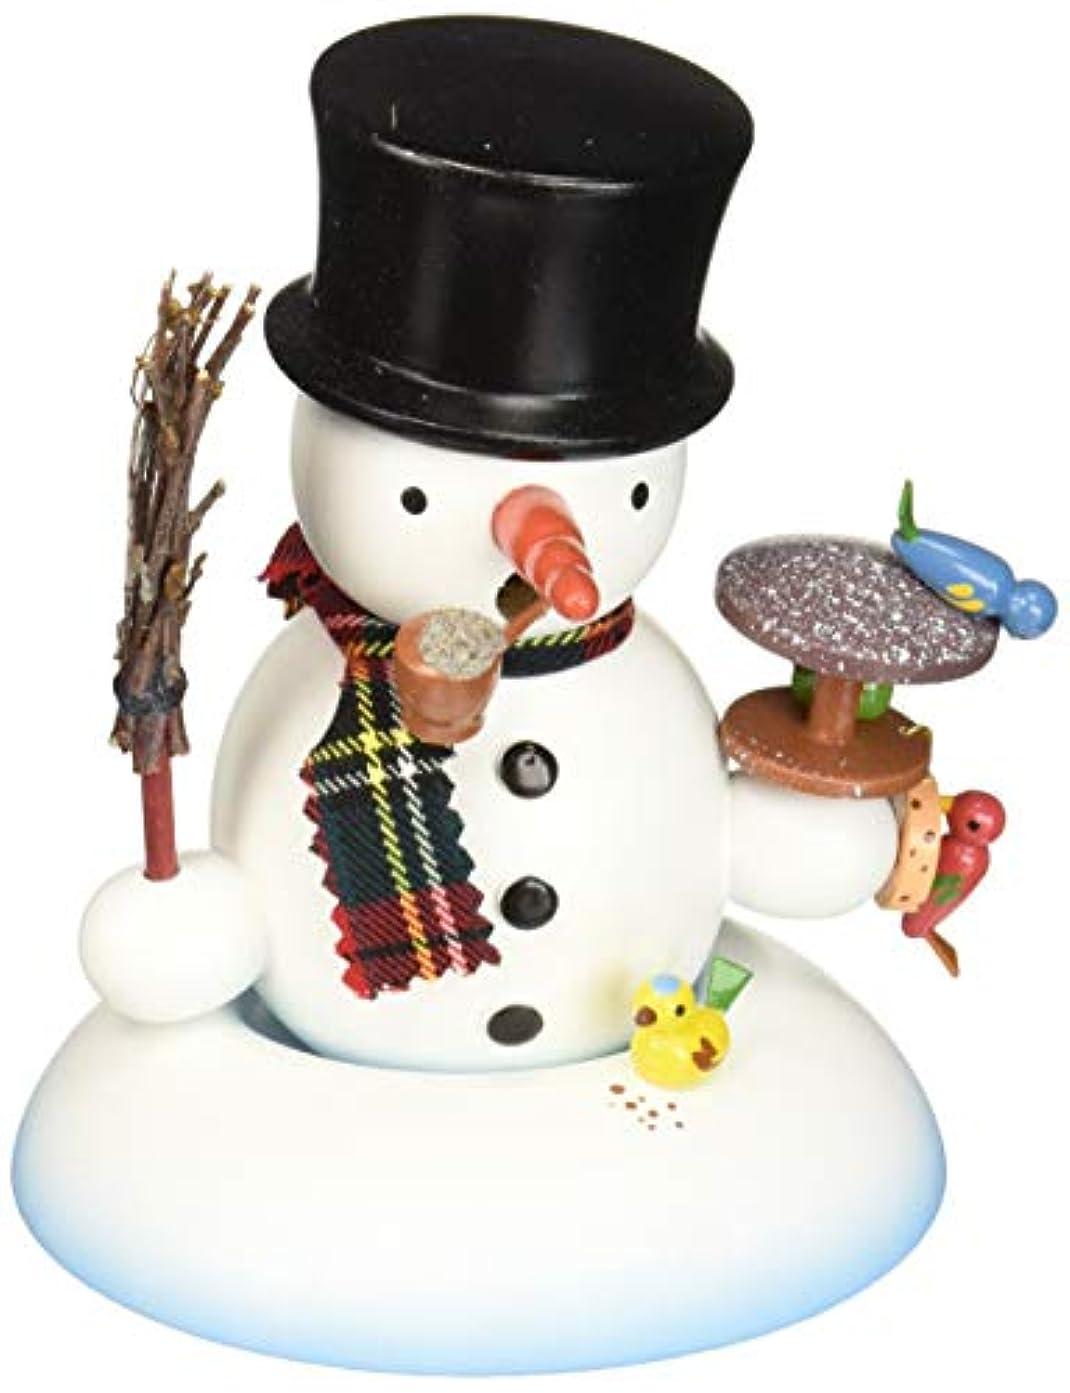 関連付ける寄託命令的Alexandor TaronホームDecor Dregeno Snowman with Birds Incense Burner 5.5